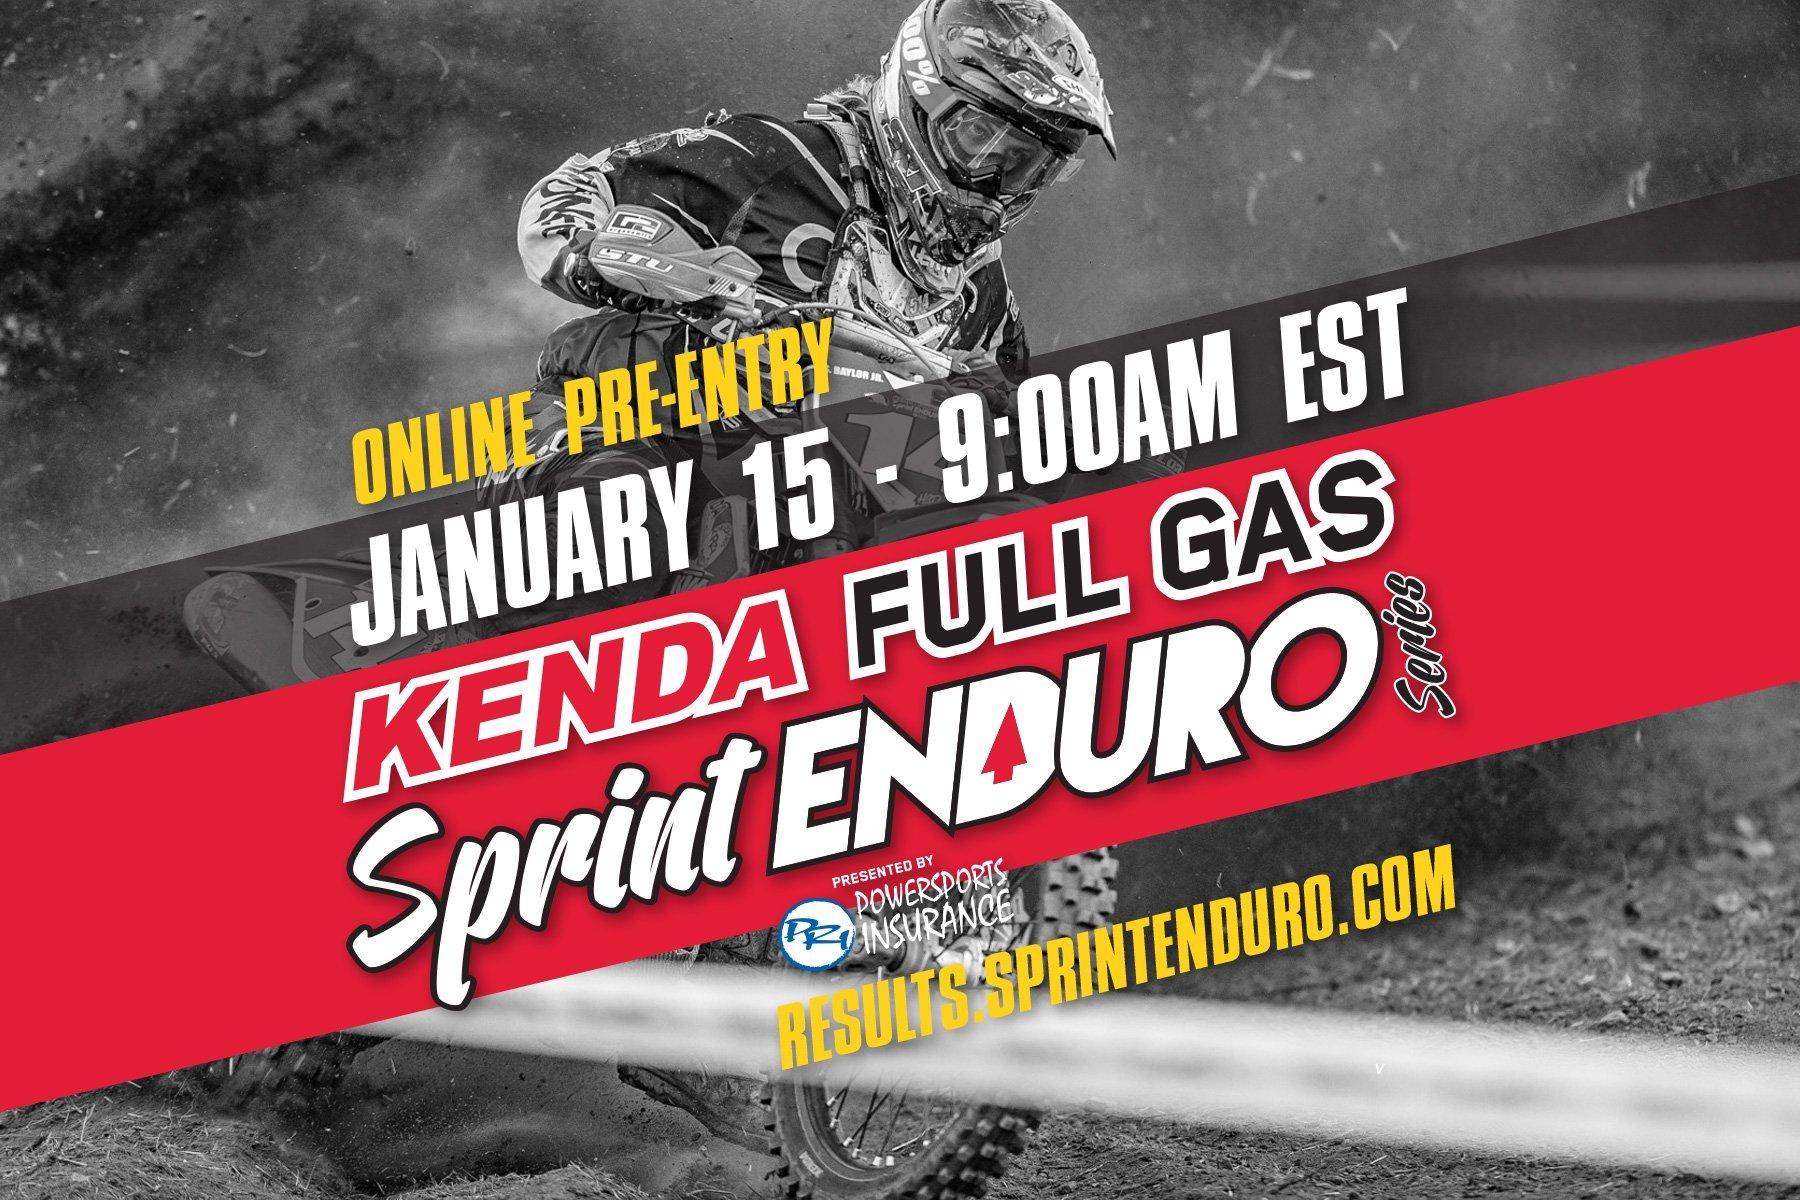 2018 Online Pre Entry Opens Jan. 15 9:00am EST